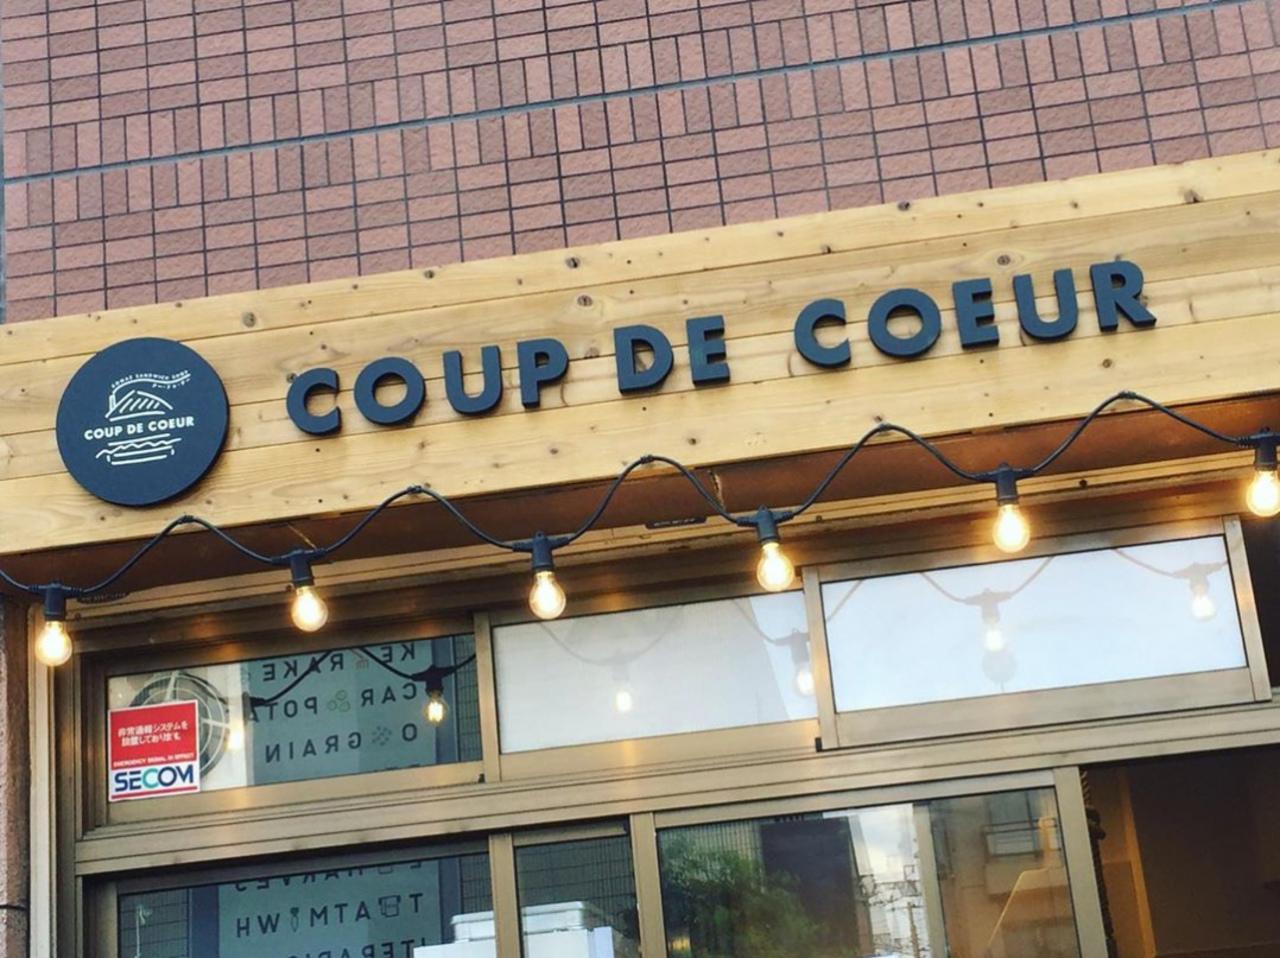 東京都狛江市東和泉1丁目にサンドイッチ専門店「クードゥクー」が8/17にオープンされるようです。